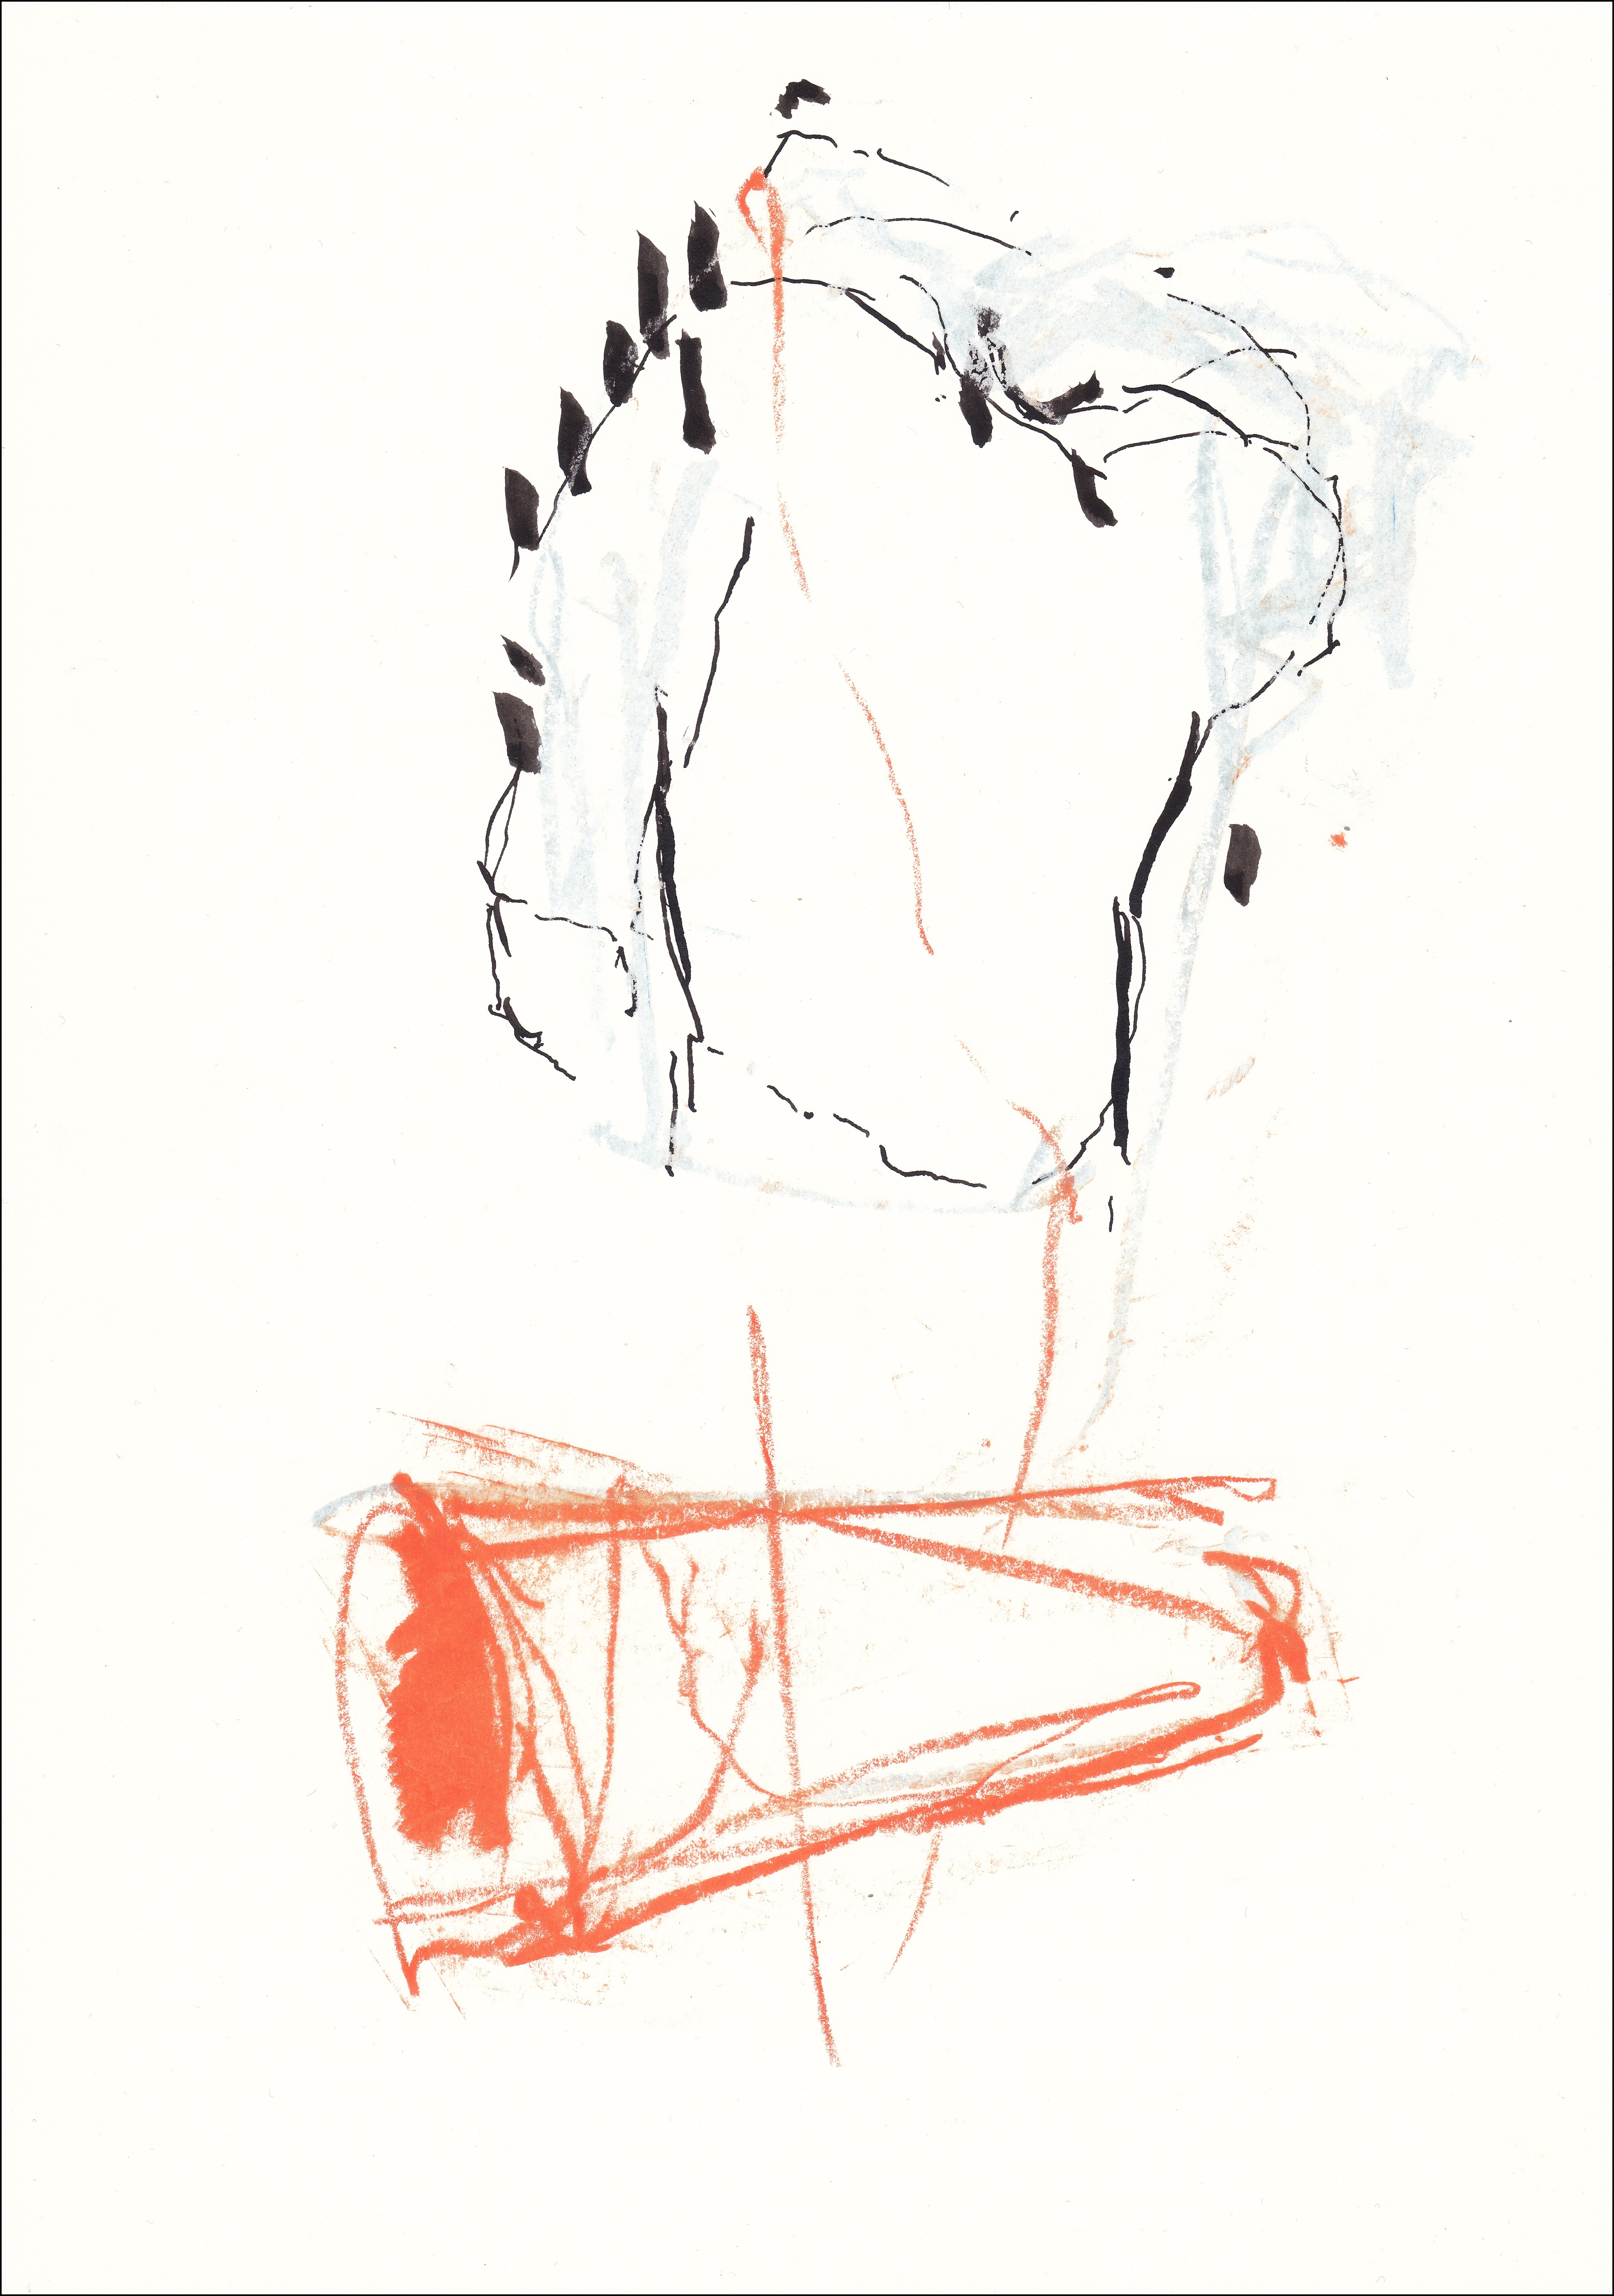 L CHAOUAT dessin 03 21x30 cm